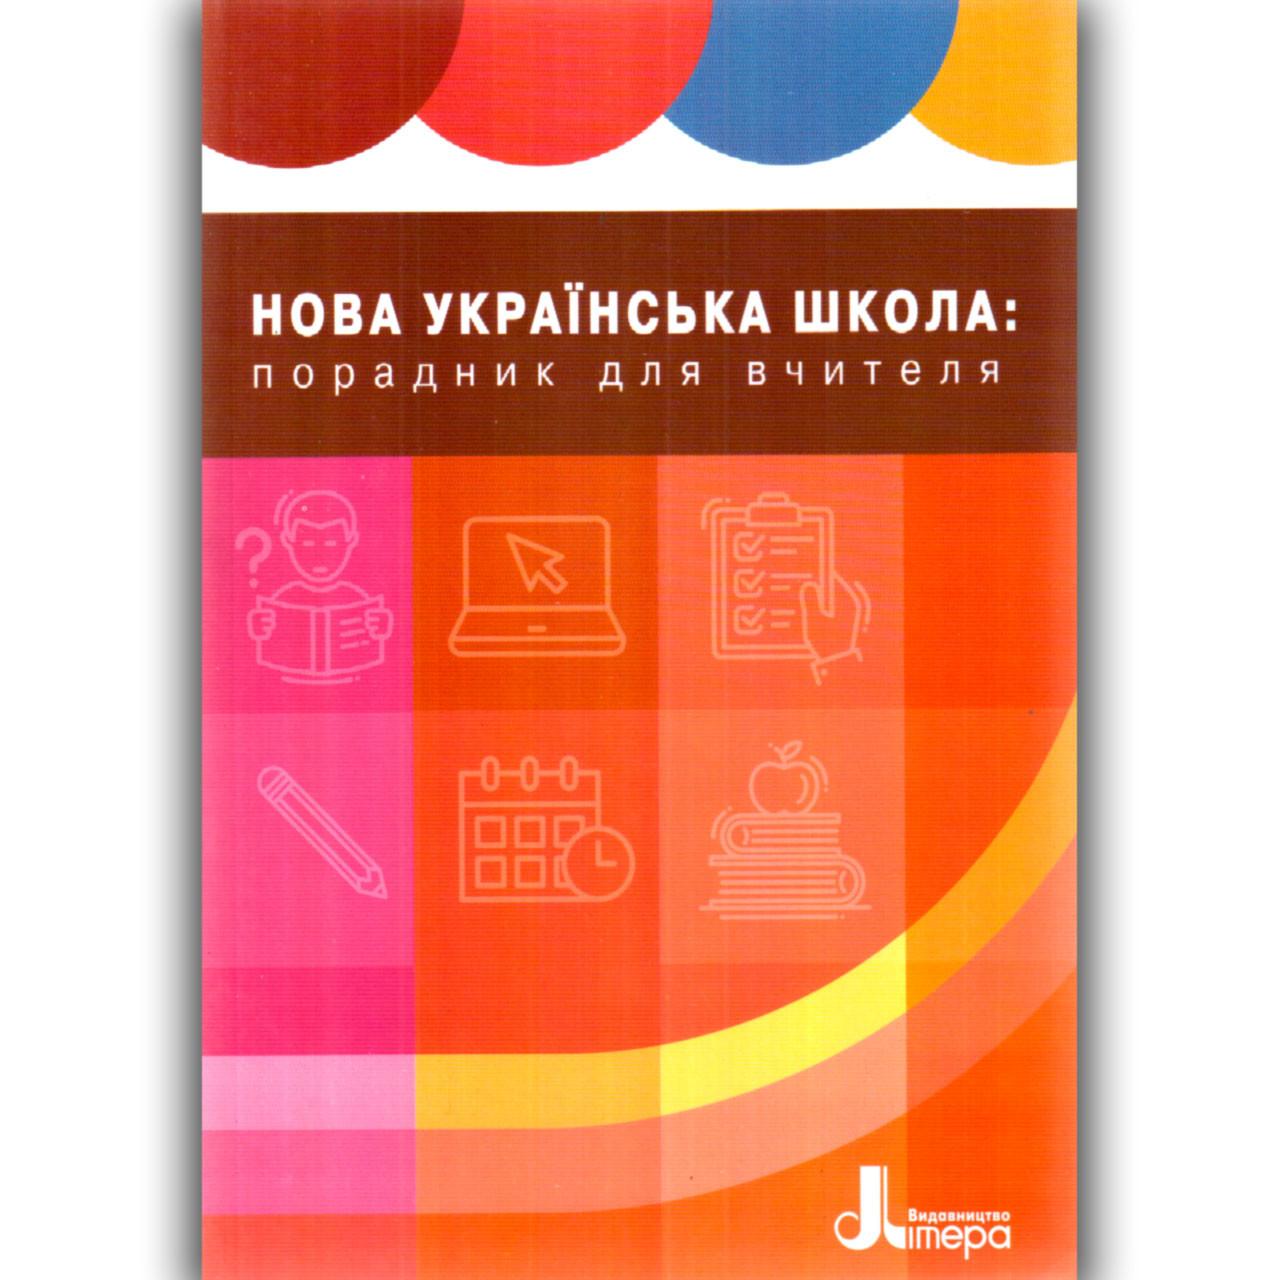 Нова Українська Школа Порадник для вчителя Авт: Бібік Н. Вид: Літера